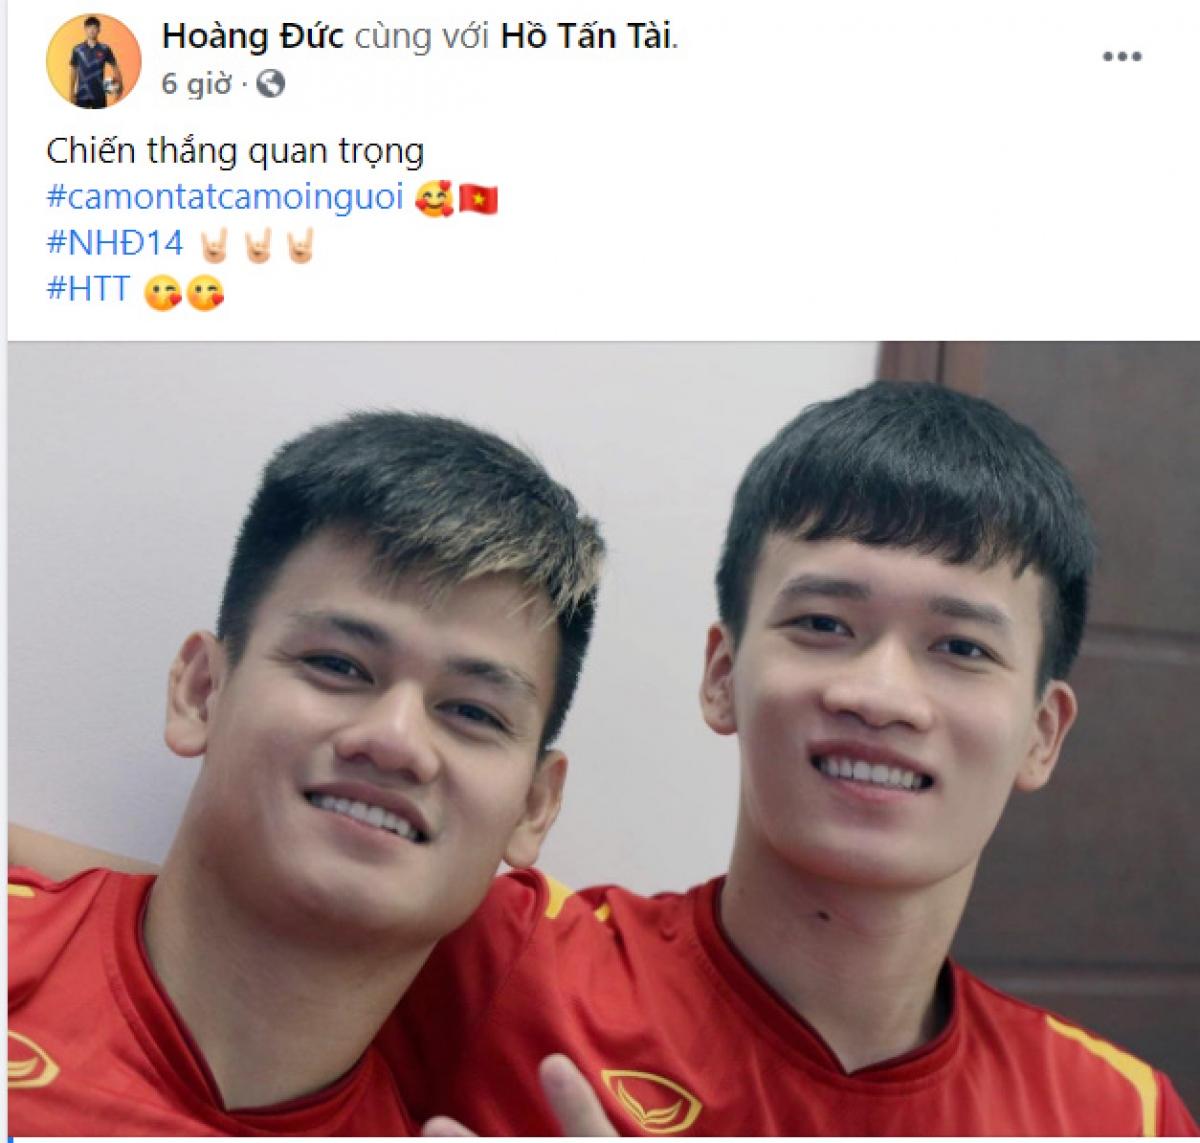 Hoàng Đức chia sẻ cảm xúc khi có lần đầu tiên thi đấu trọn vẹn 90 phút cho ĐT Việt Nam.